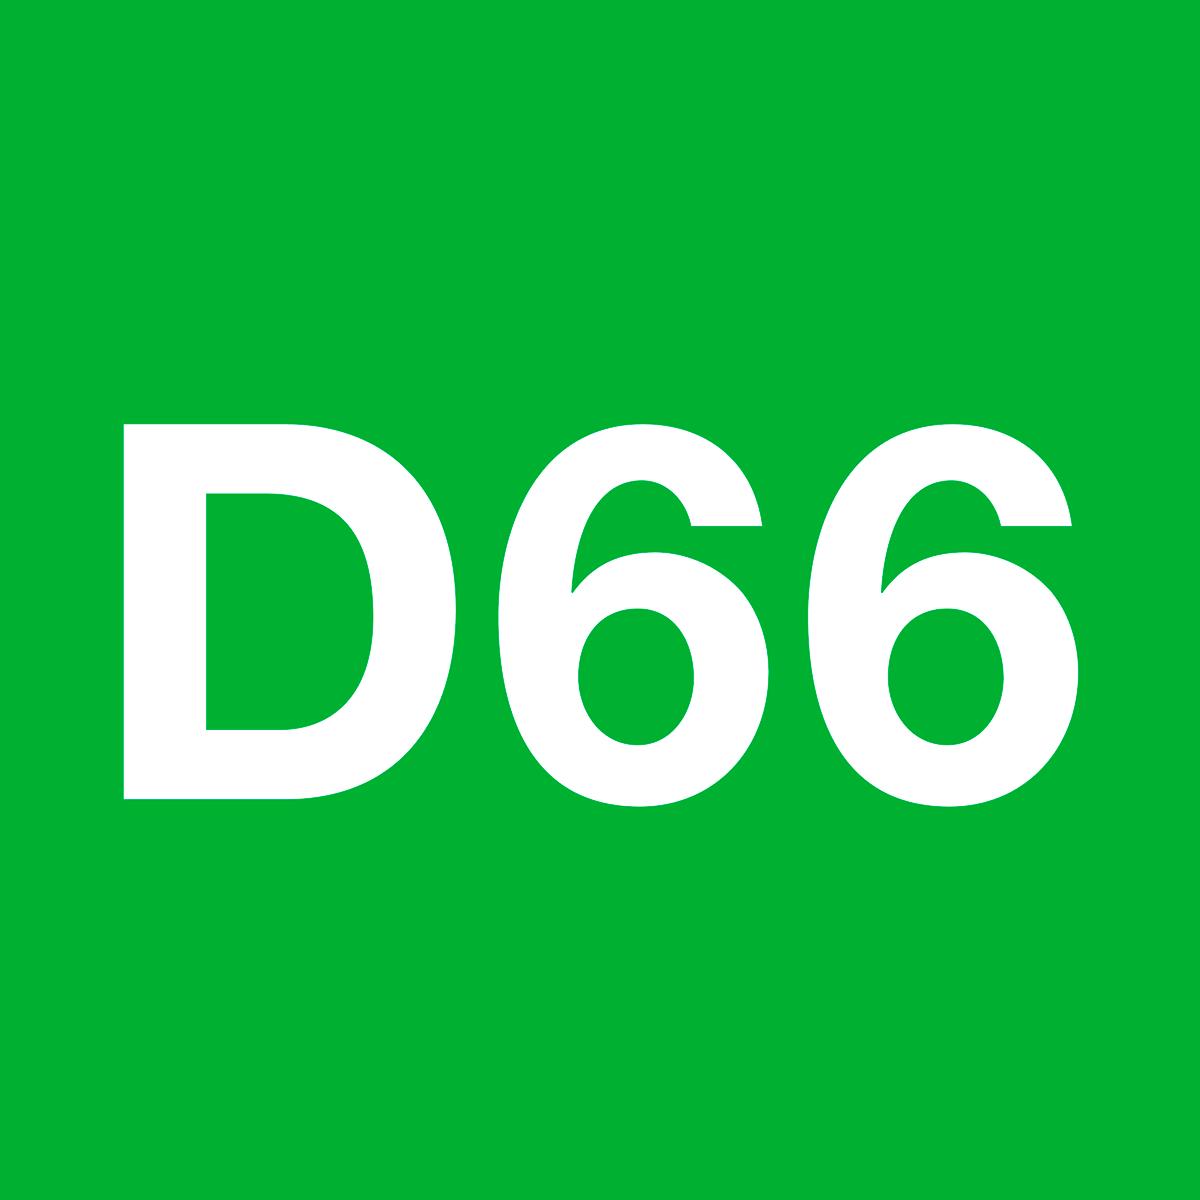 D66 kandidaten